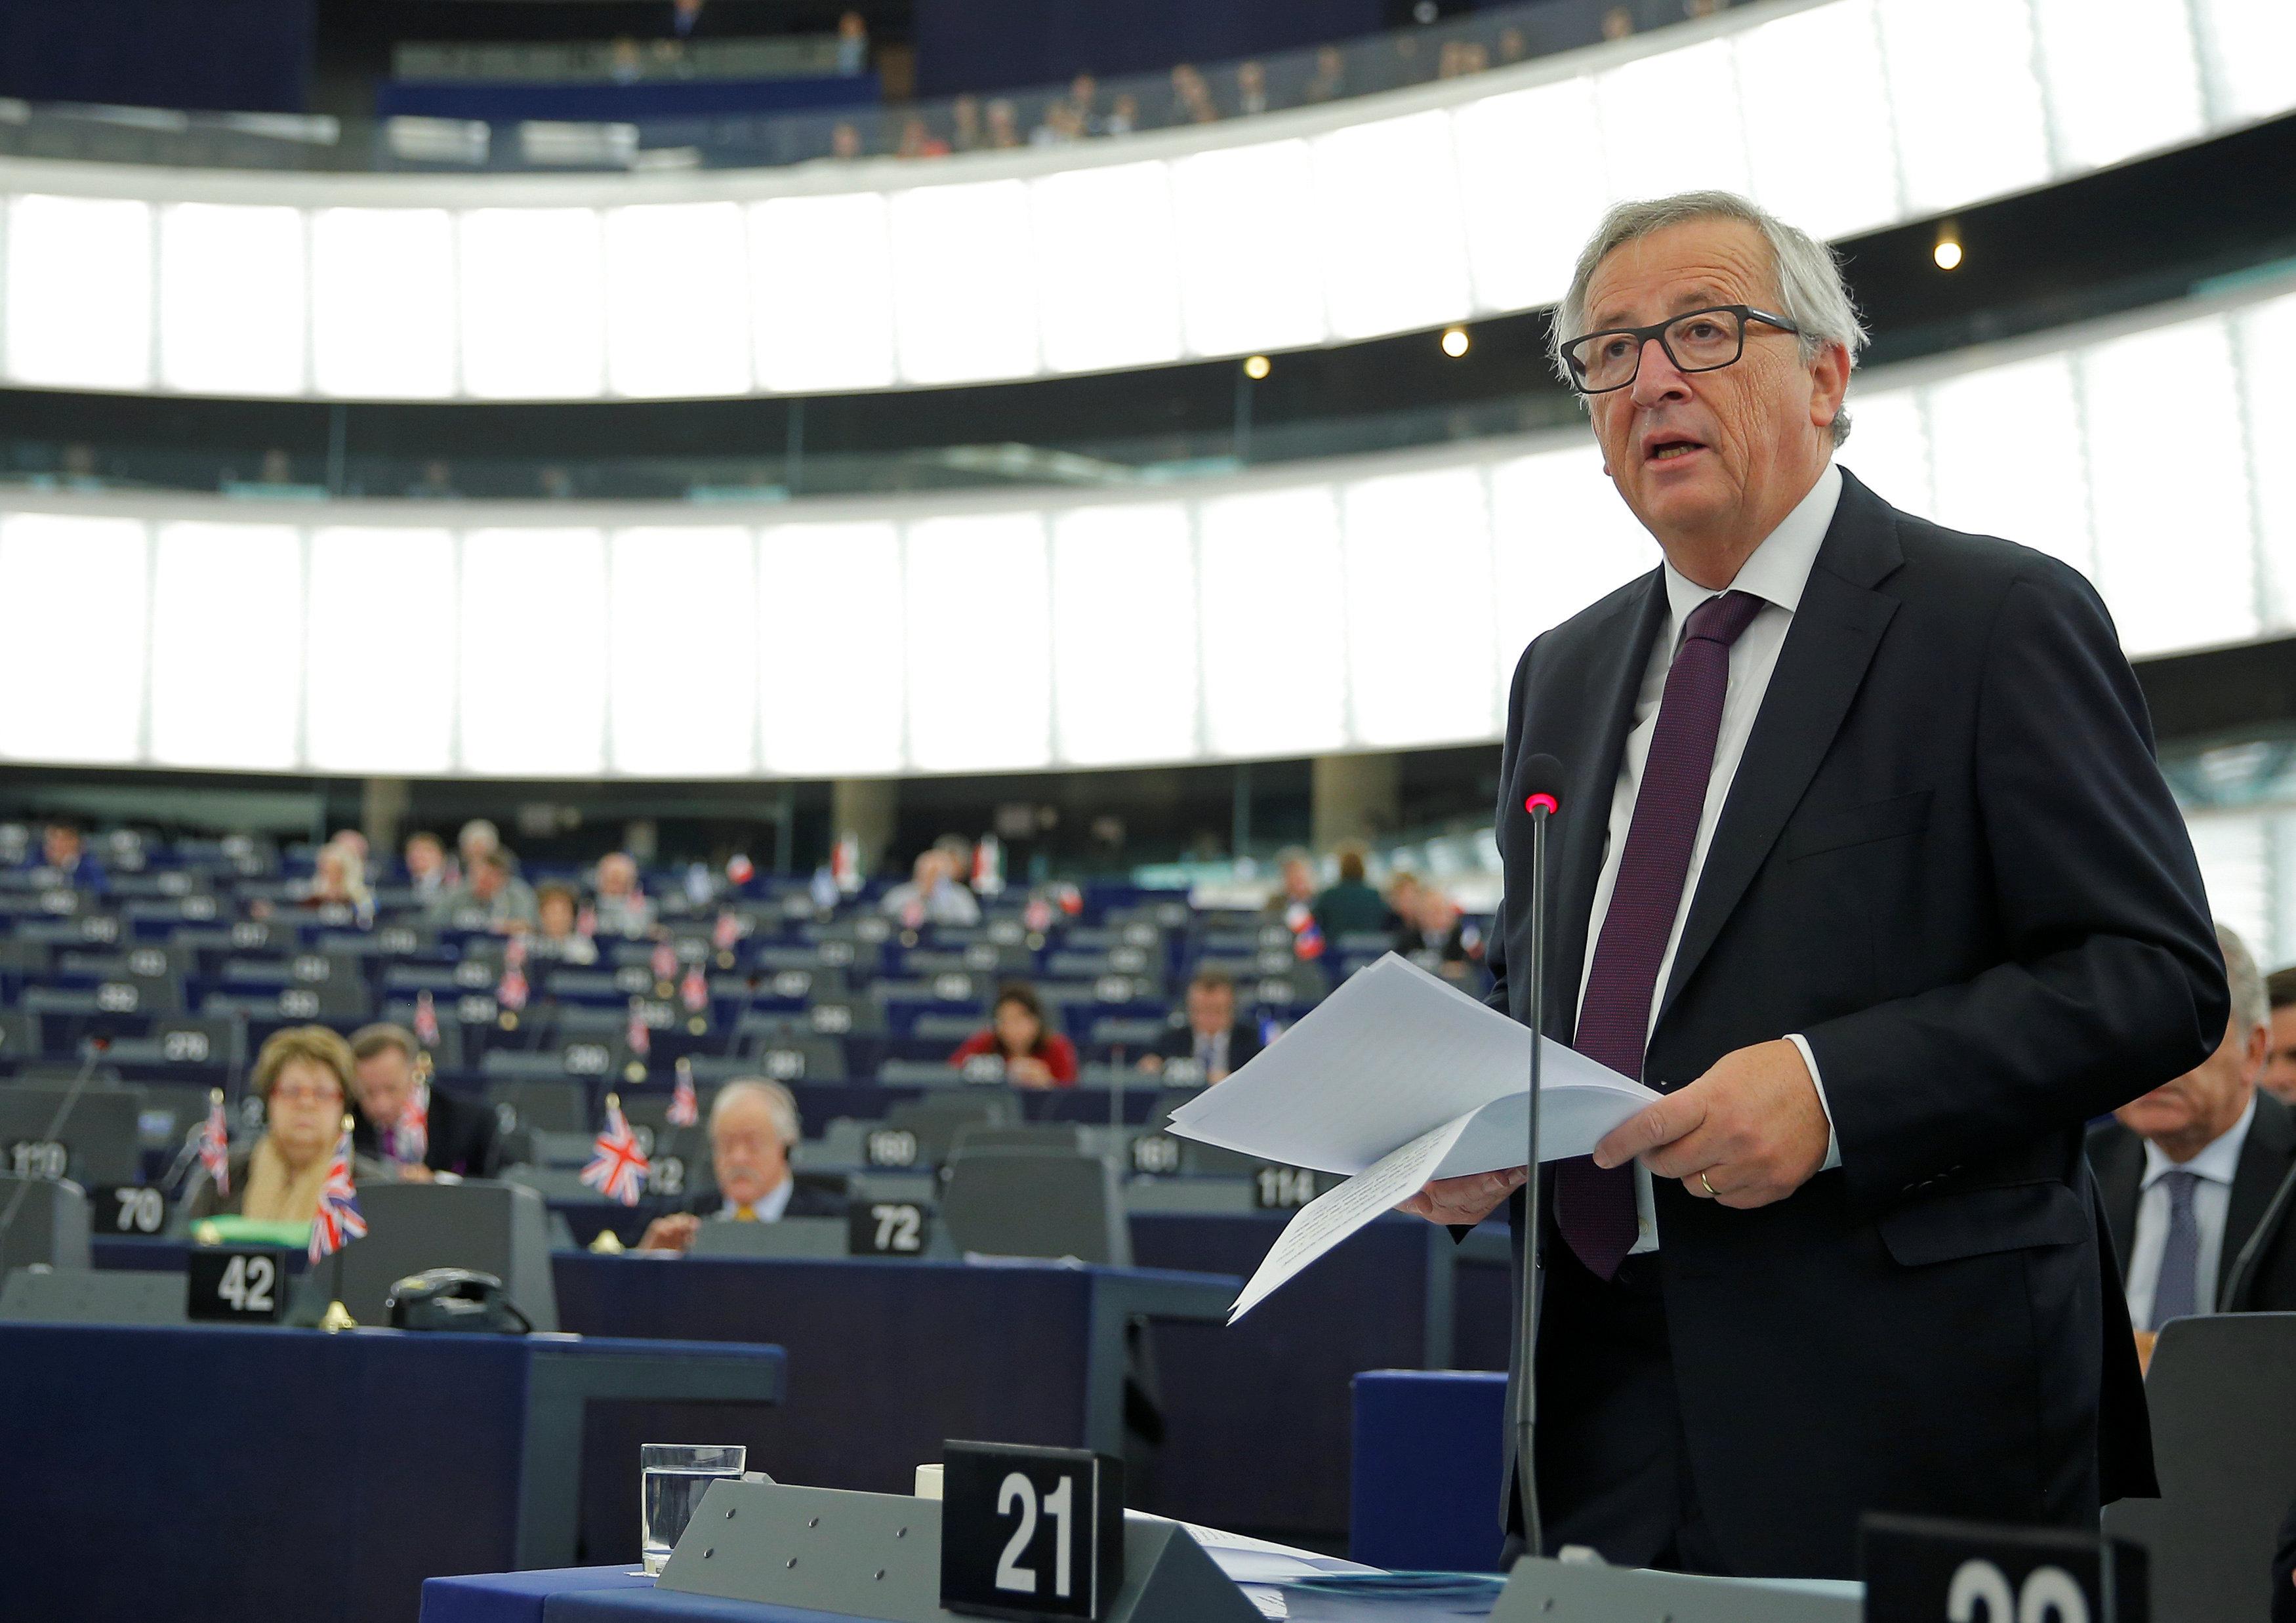 Выстраивание системы безопасности в Европе без России невозможно и Евросоюз должен относится к РФ как к равному партнеру.